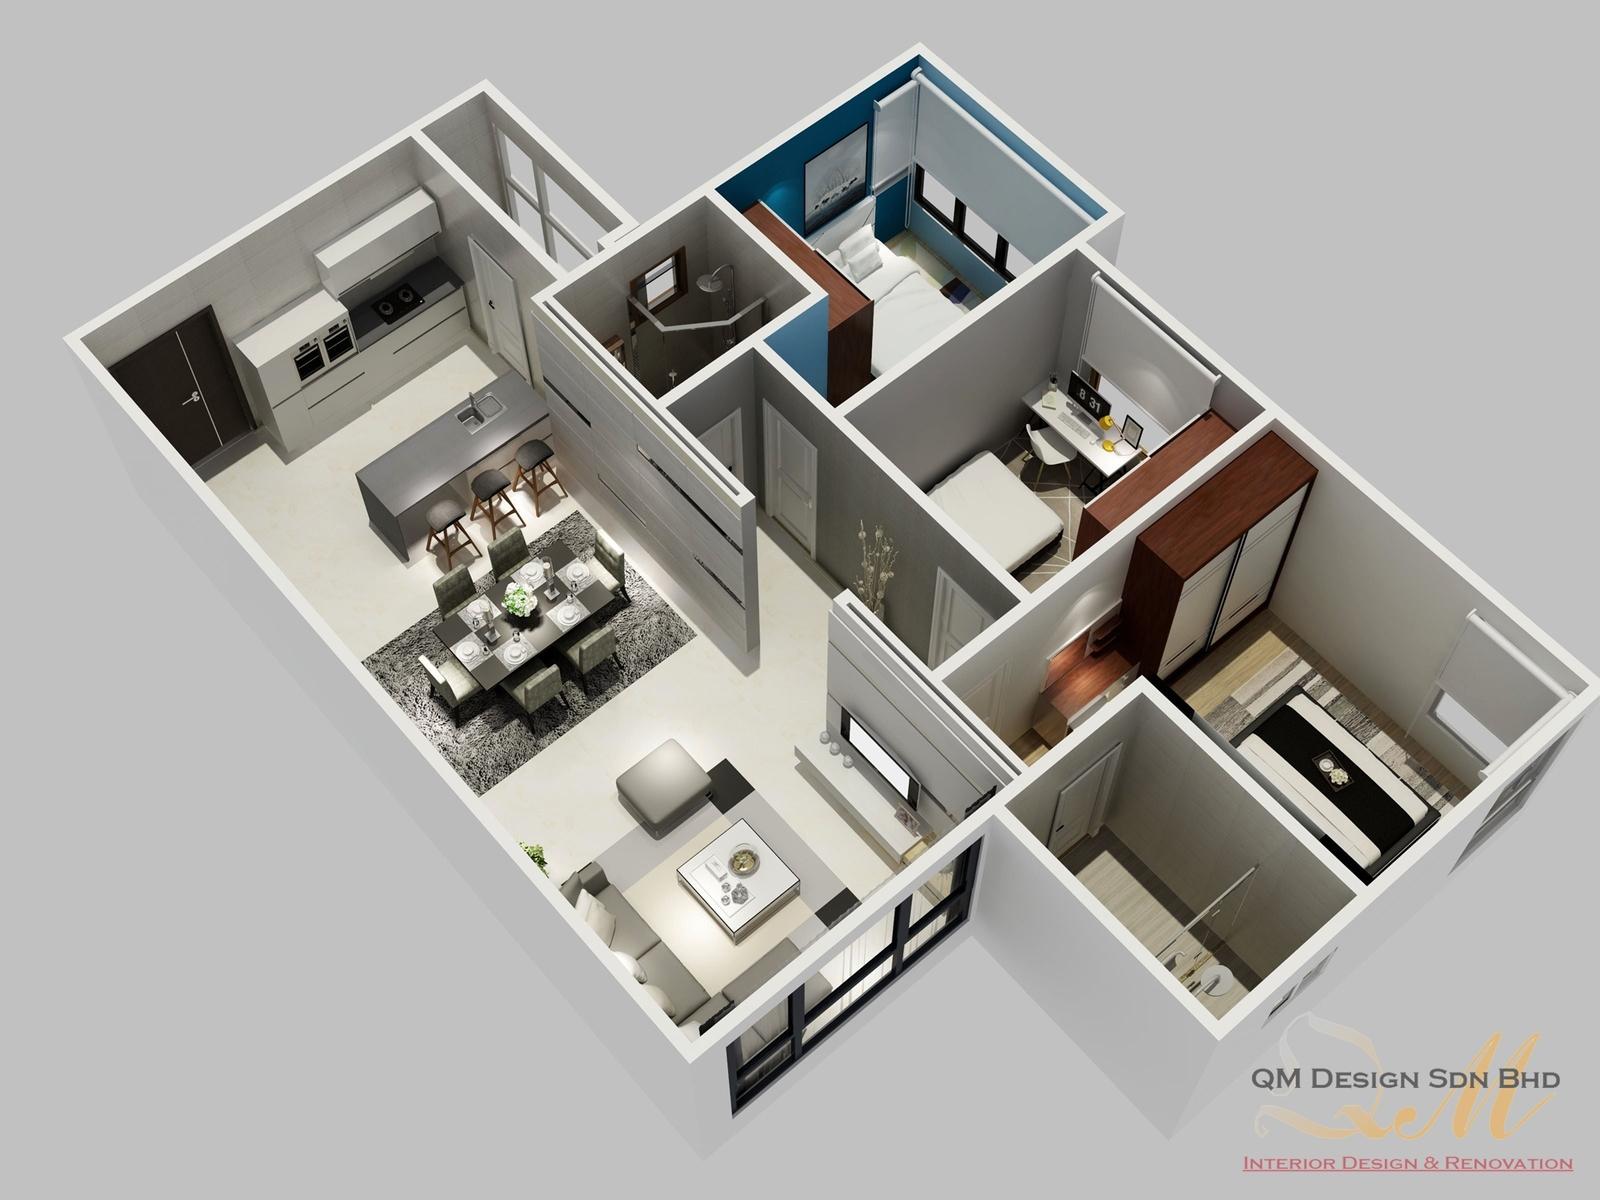 QM Design Sdn Bhd